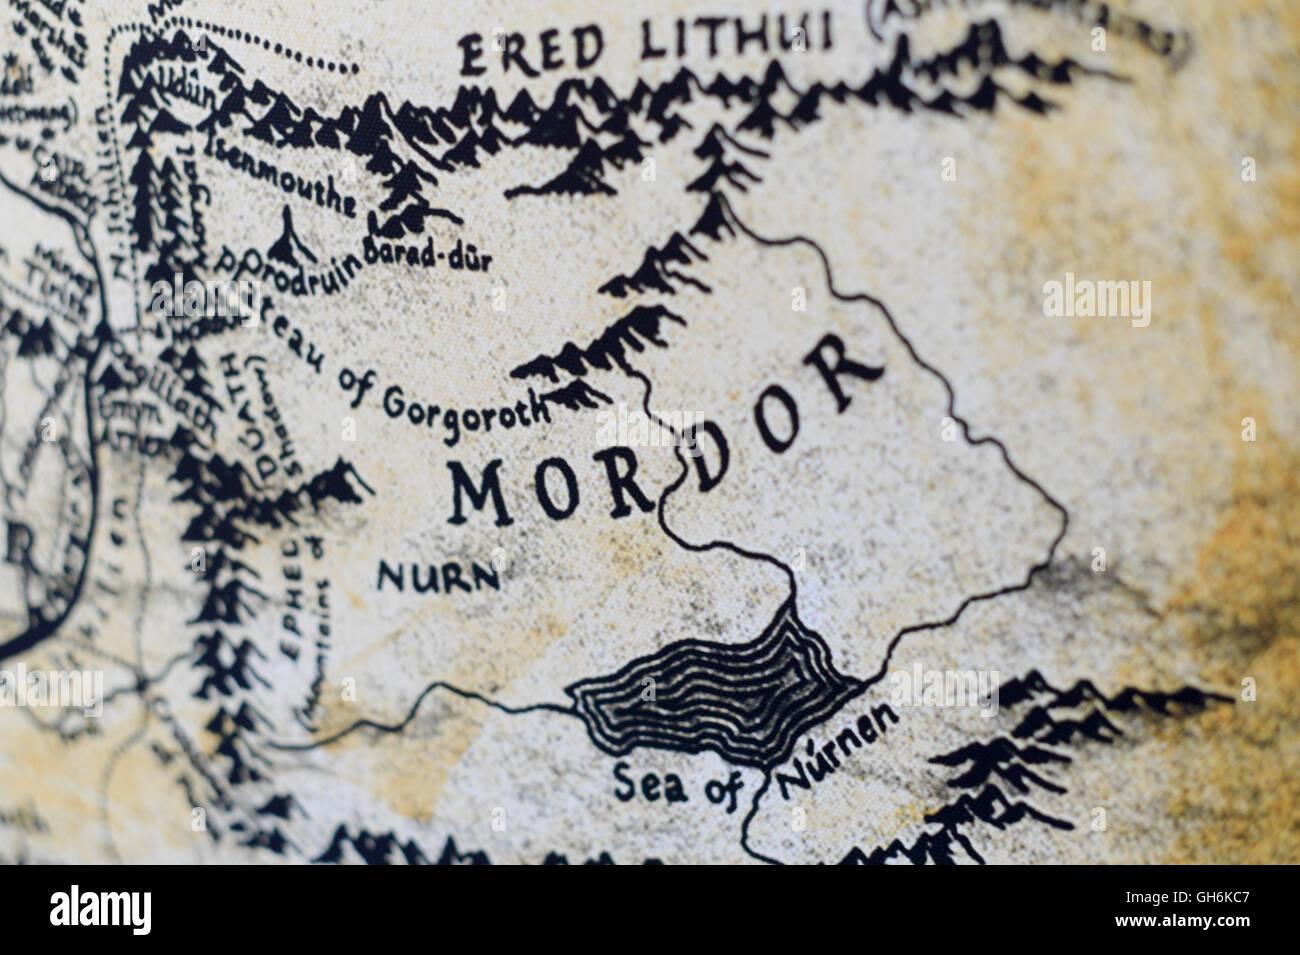 mordor karte Karte von Mordor aus der Herr der Ringe von JRR Tolkien Stockfoto